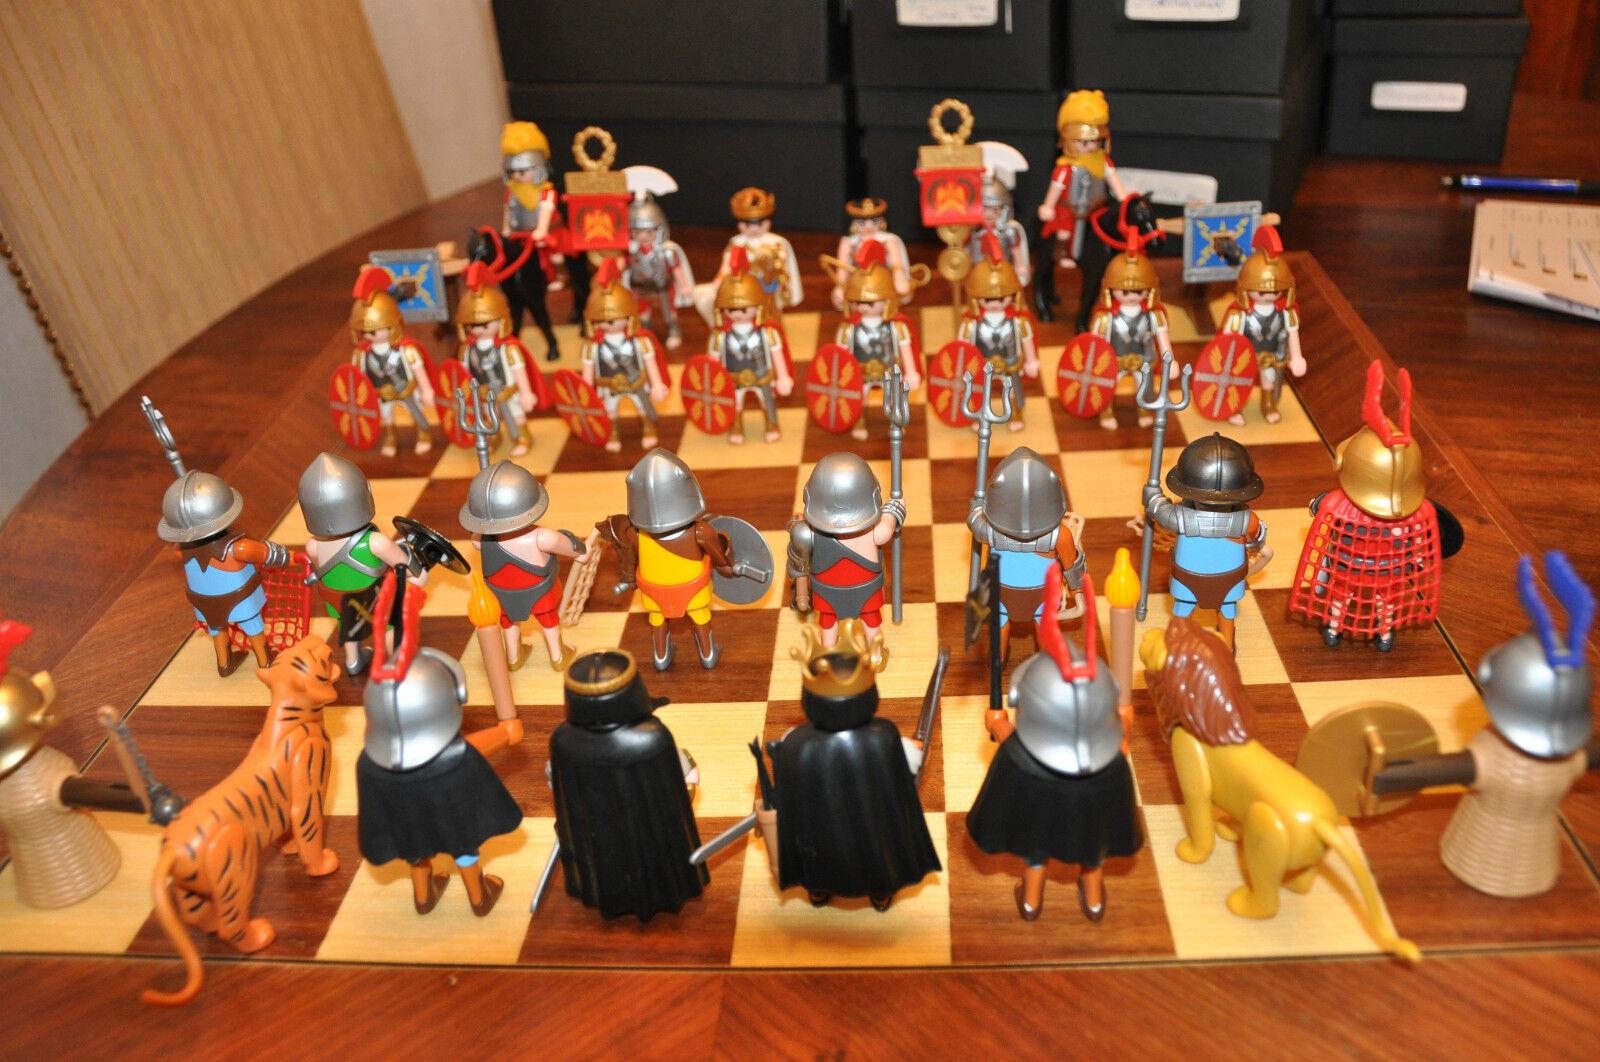 Jeu d'échecs  playmobil - Série batailles Romaines, Guerre de Spartacus  (11)  première réponse